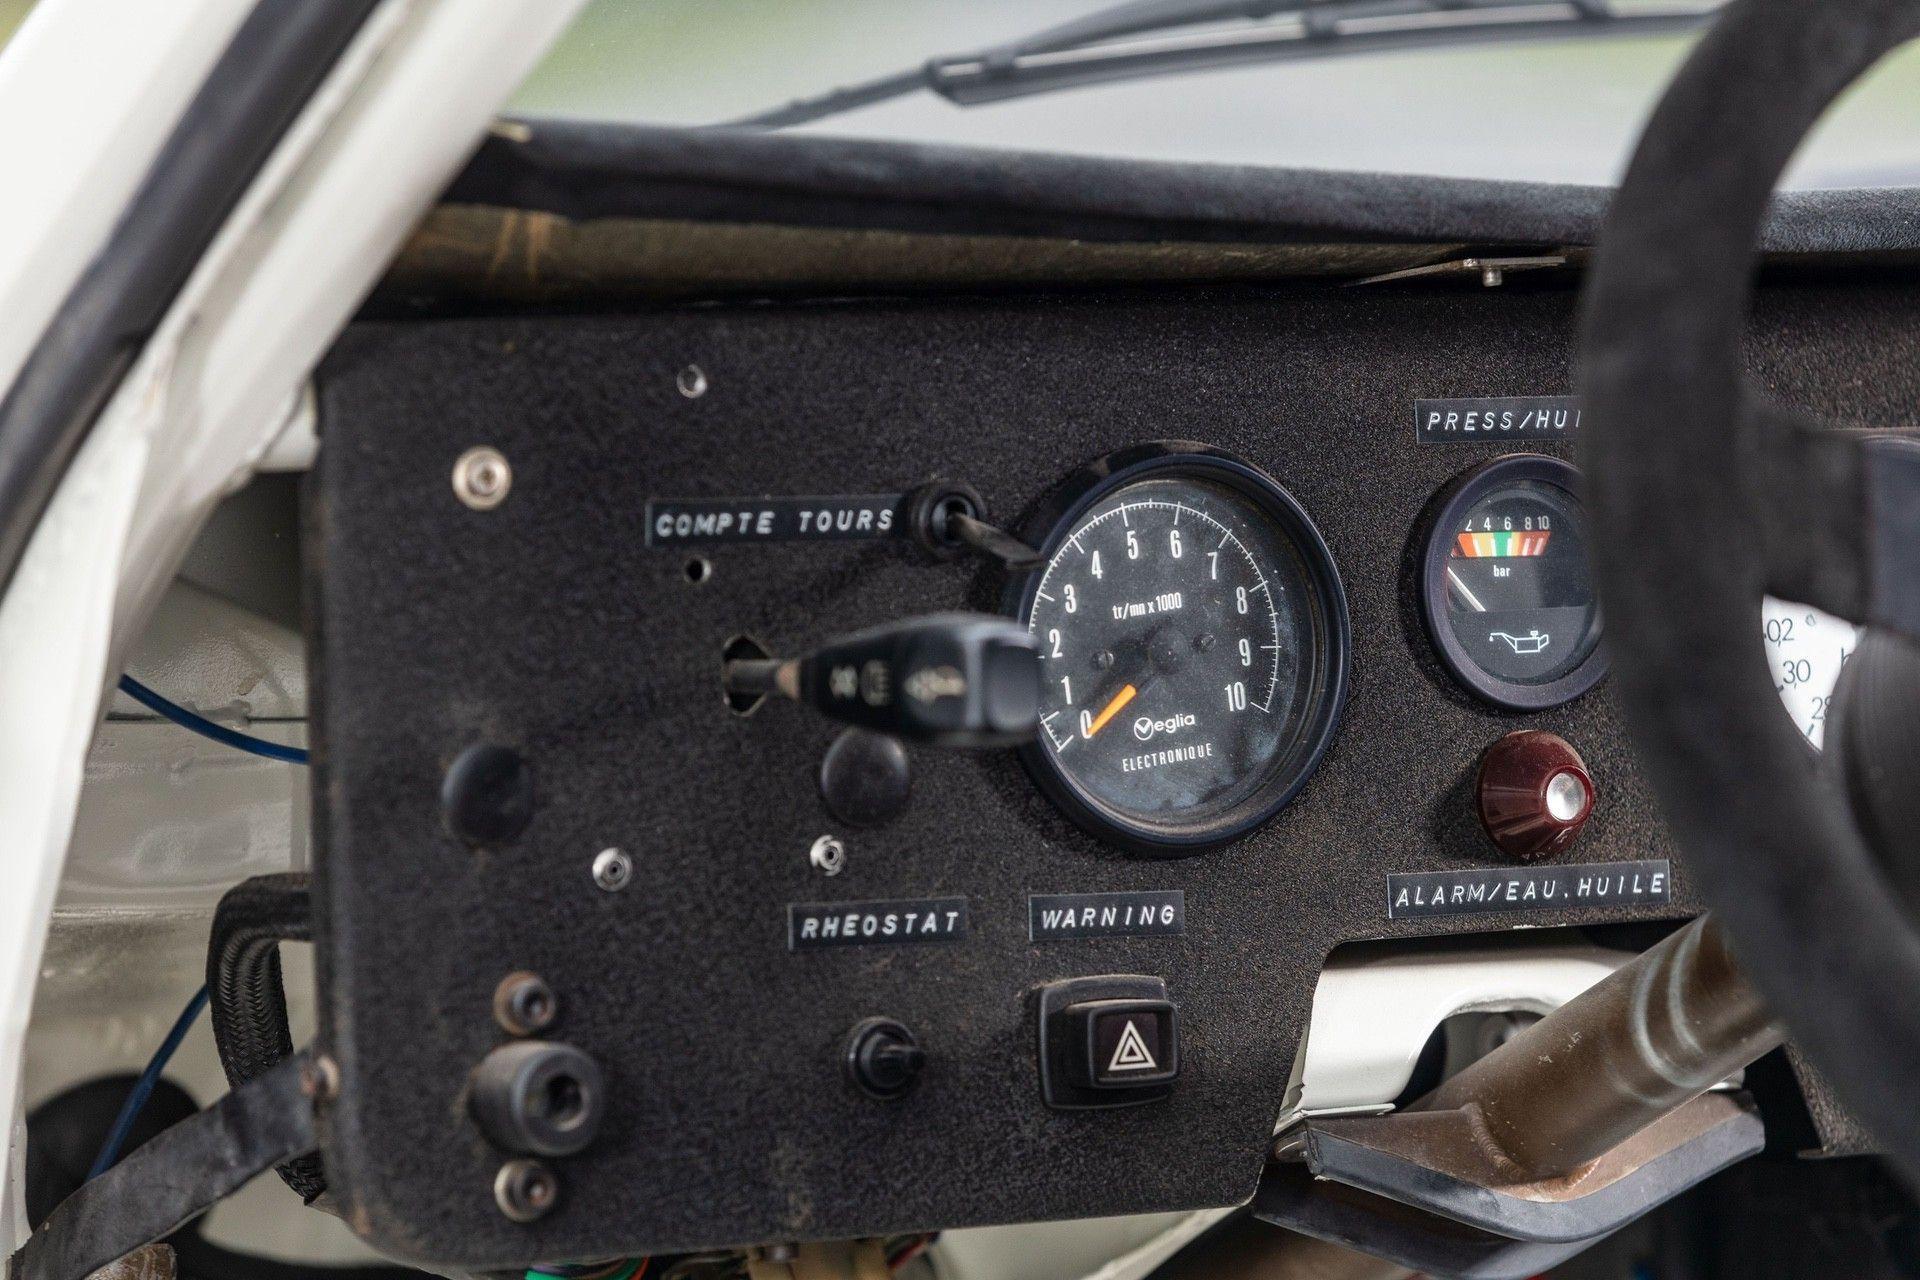 1985_Peugeot_205_Turbo_16_Evolution_2_sale-0026